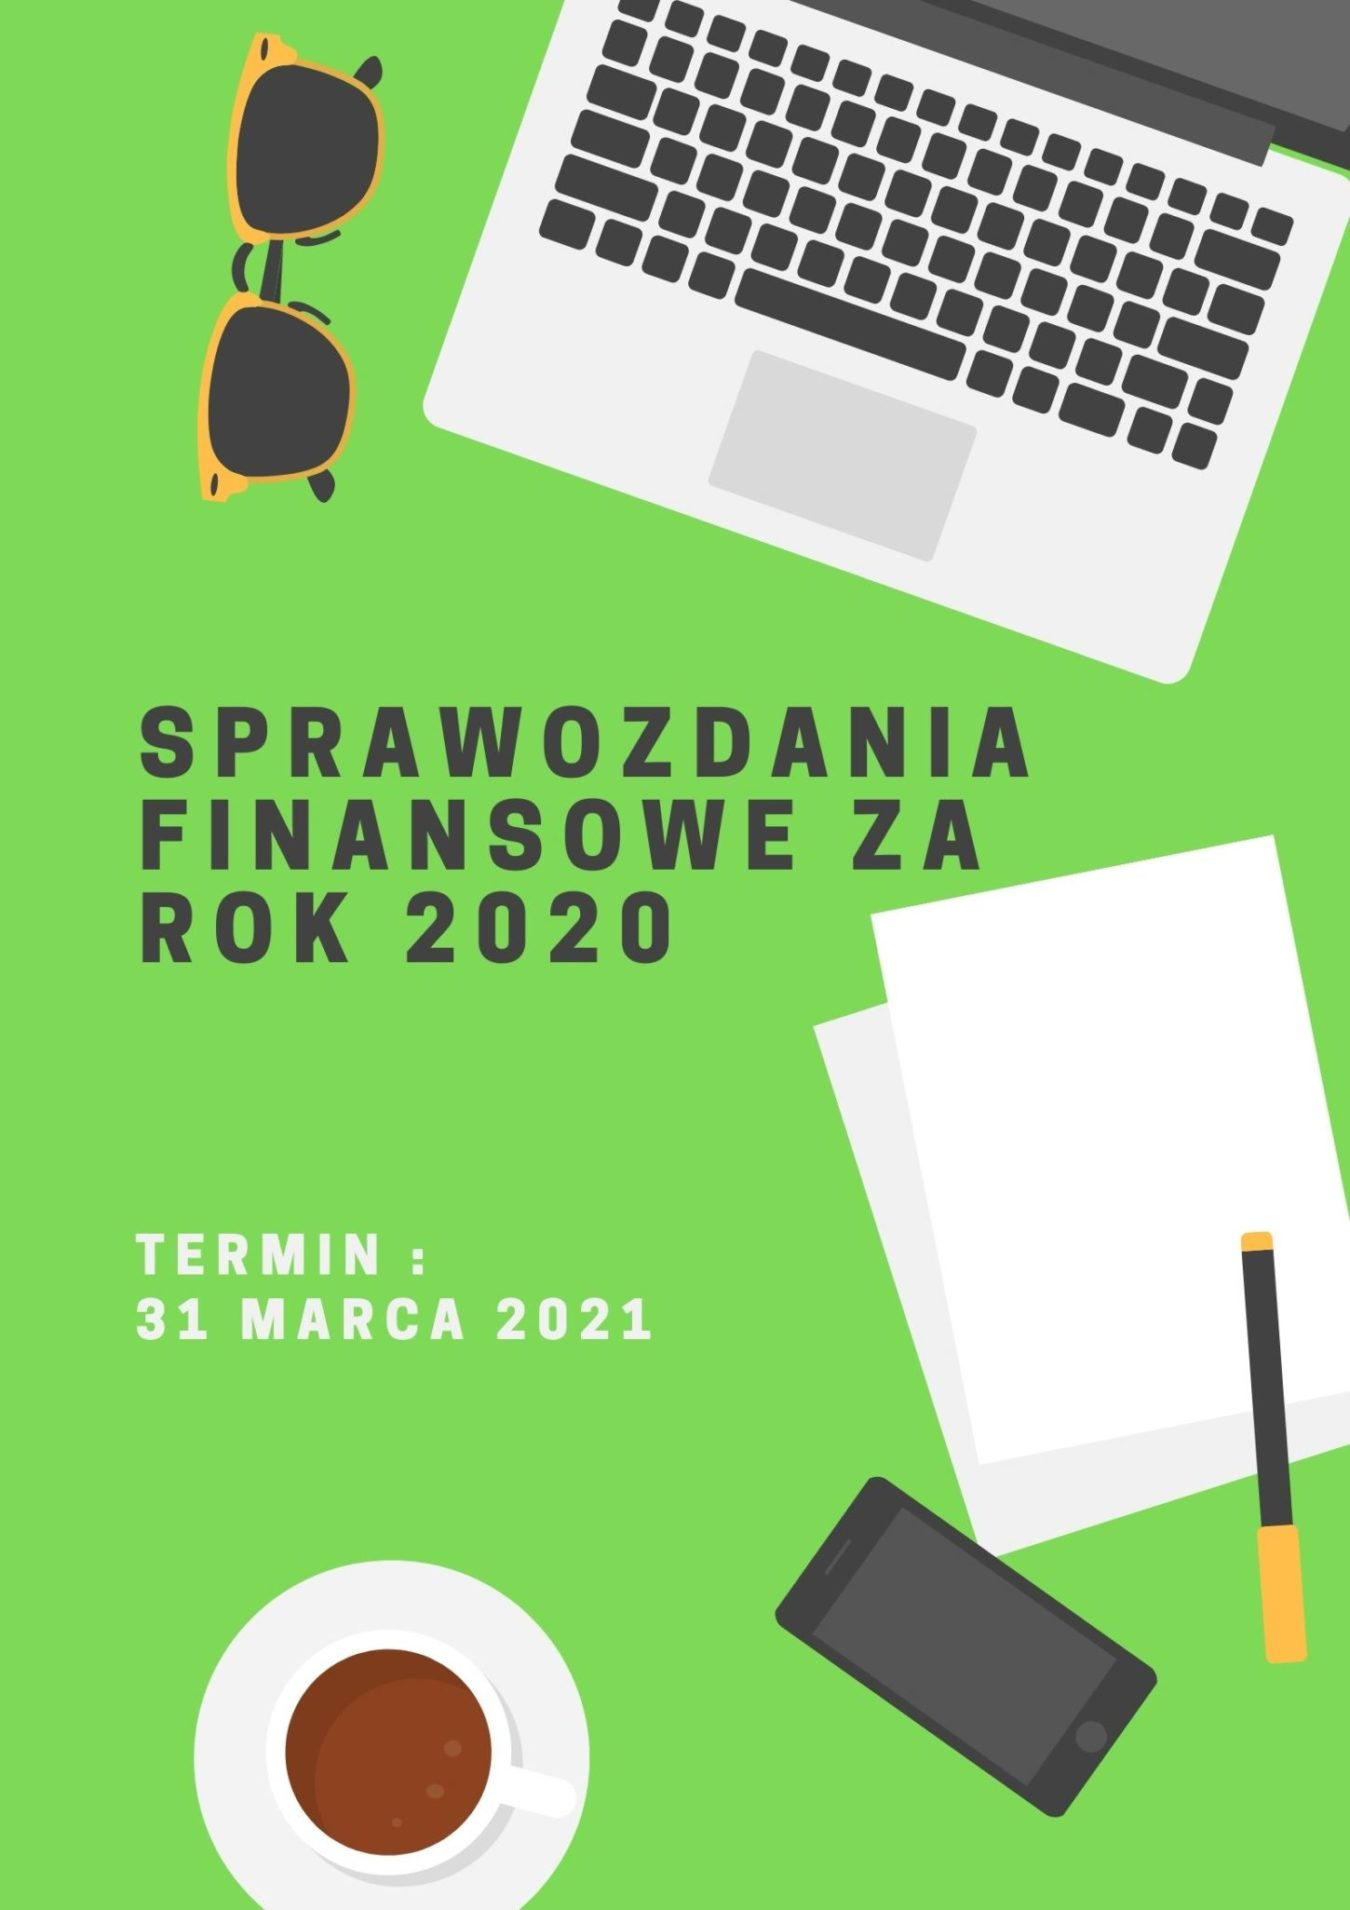 Sprawozdania finansowe za rok 2020